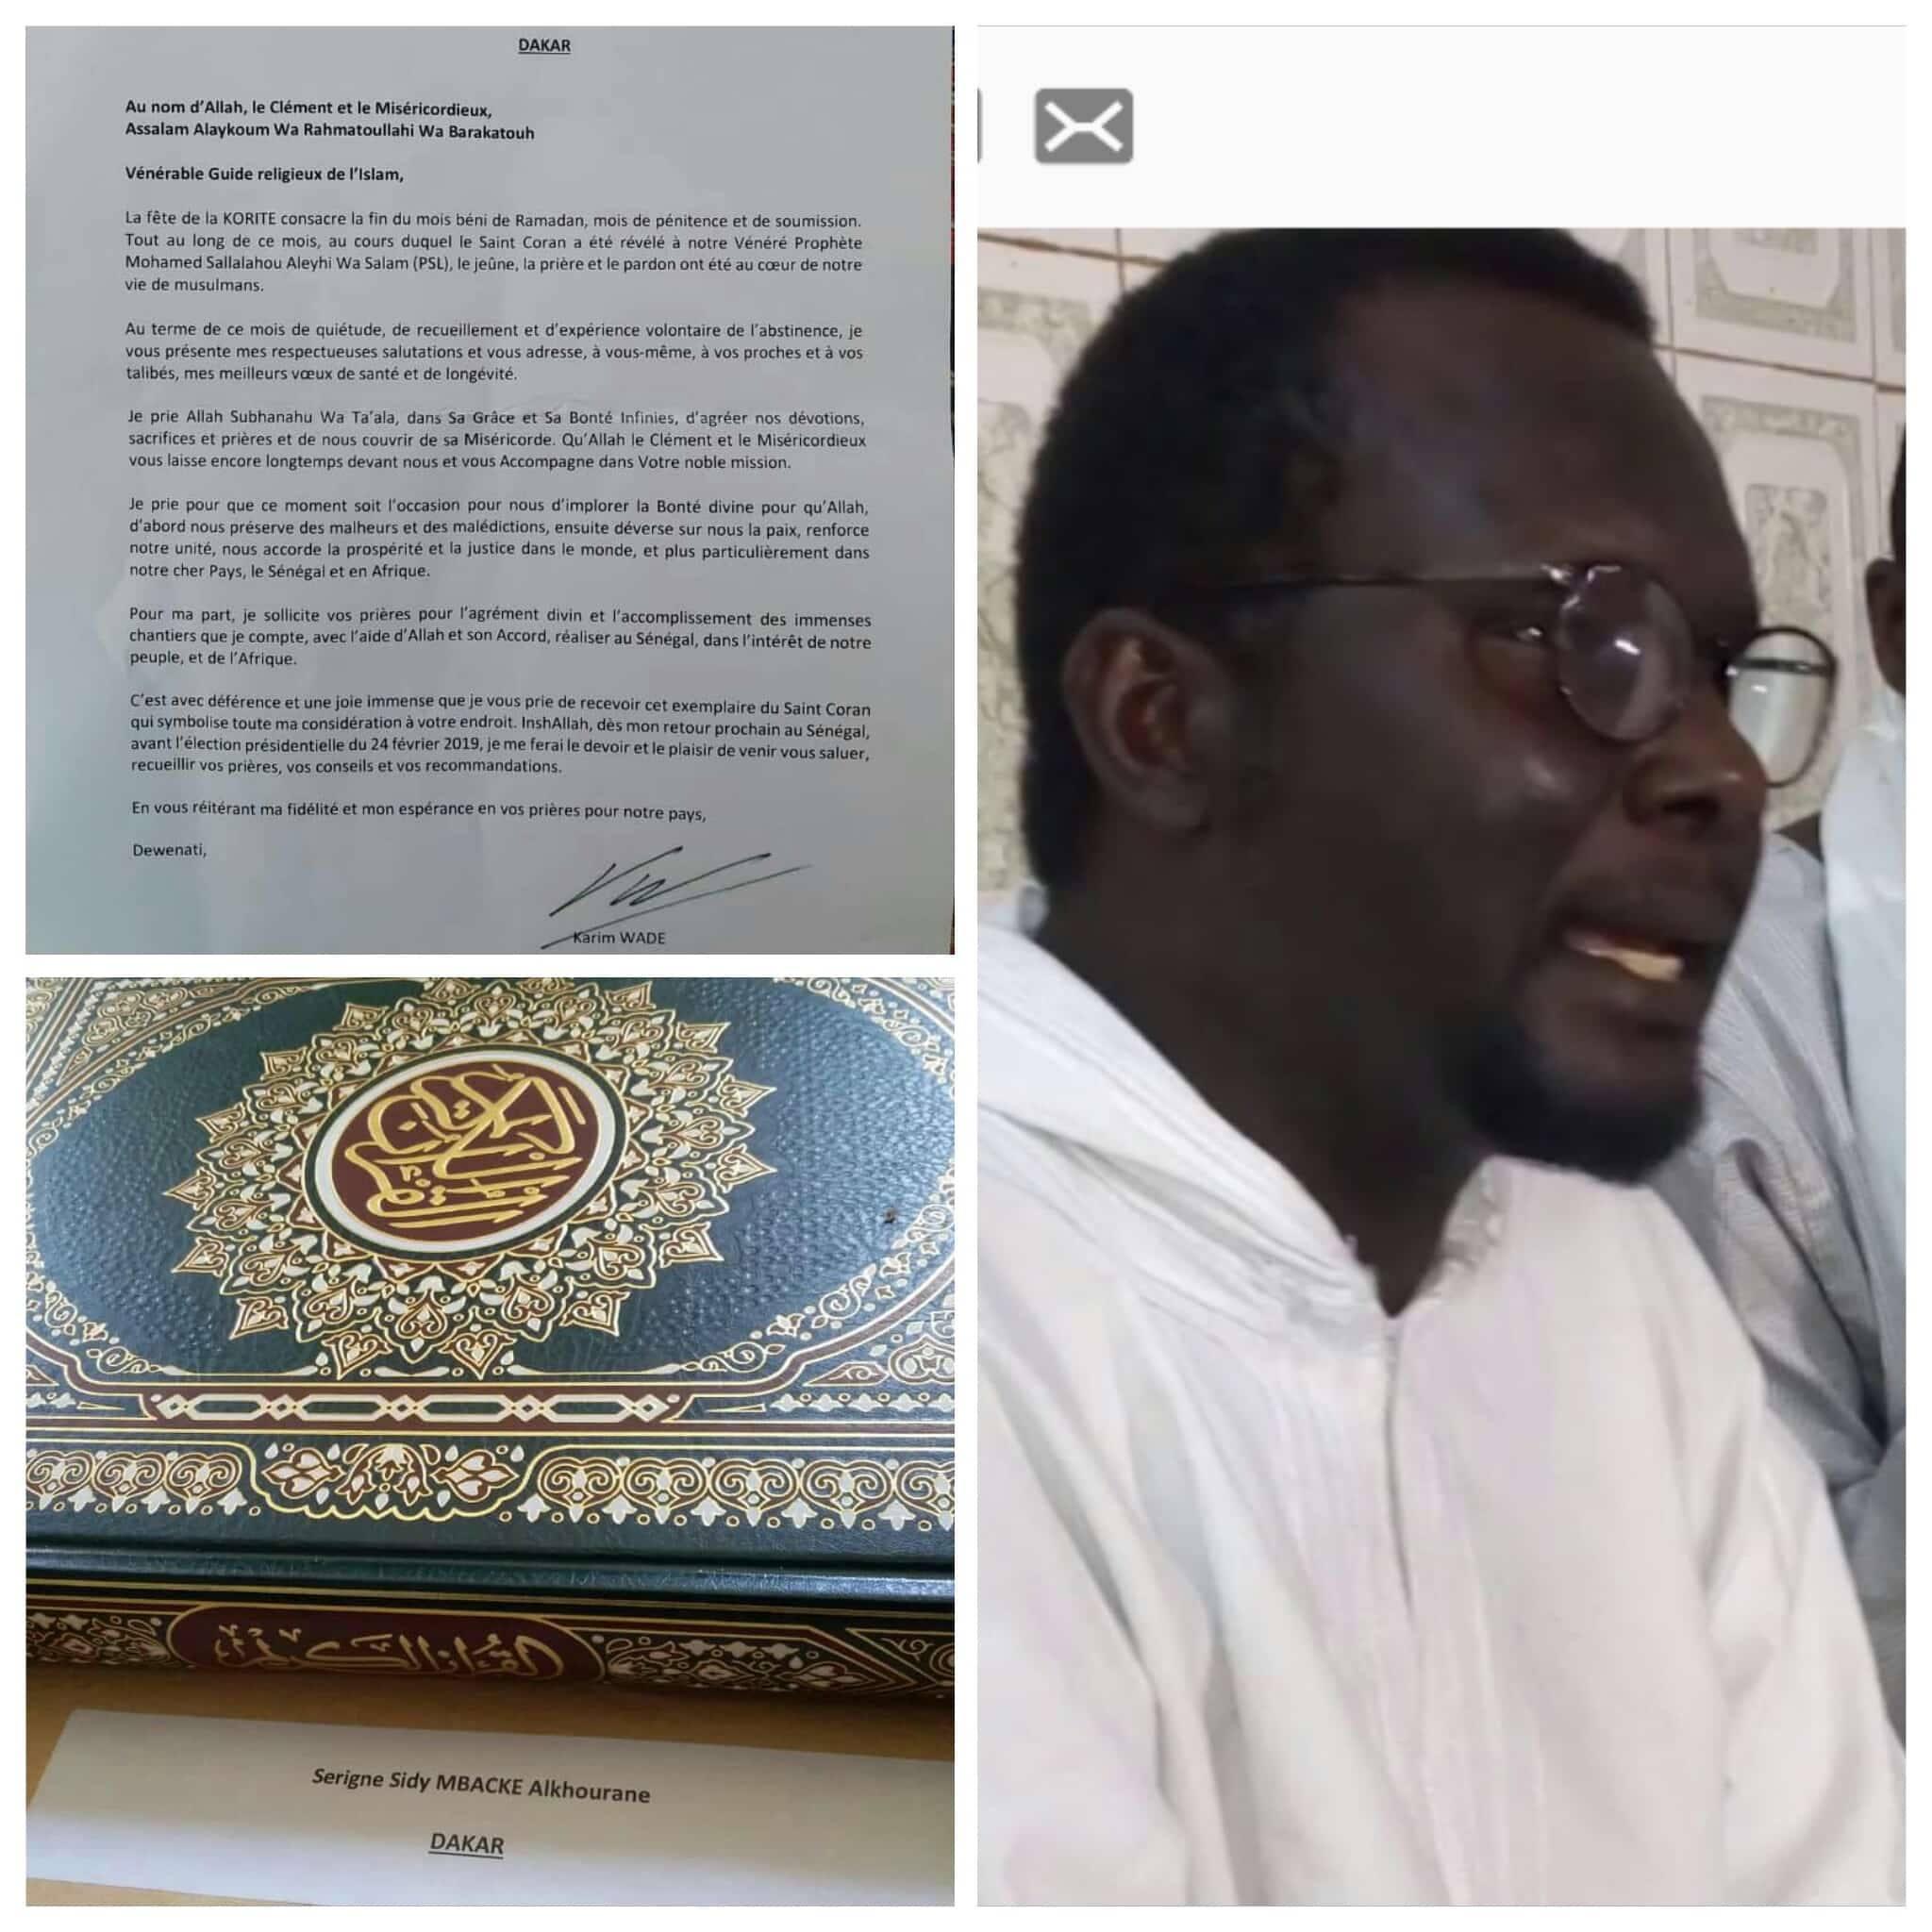 La lettre de Karim Wade à Serigne Sidy Mbacké Alkhourane : Des prières sollicitées pour l'accomplissement des immenses chantiers à réaliser